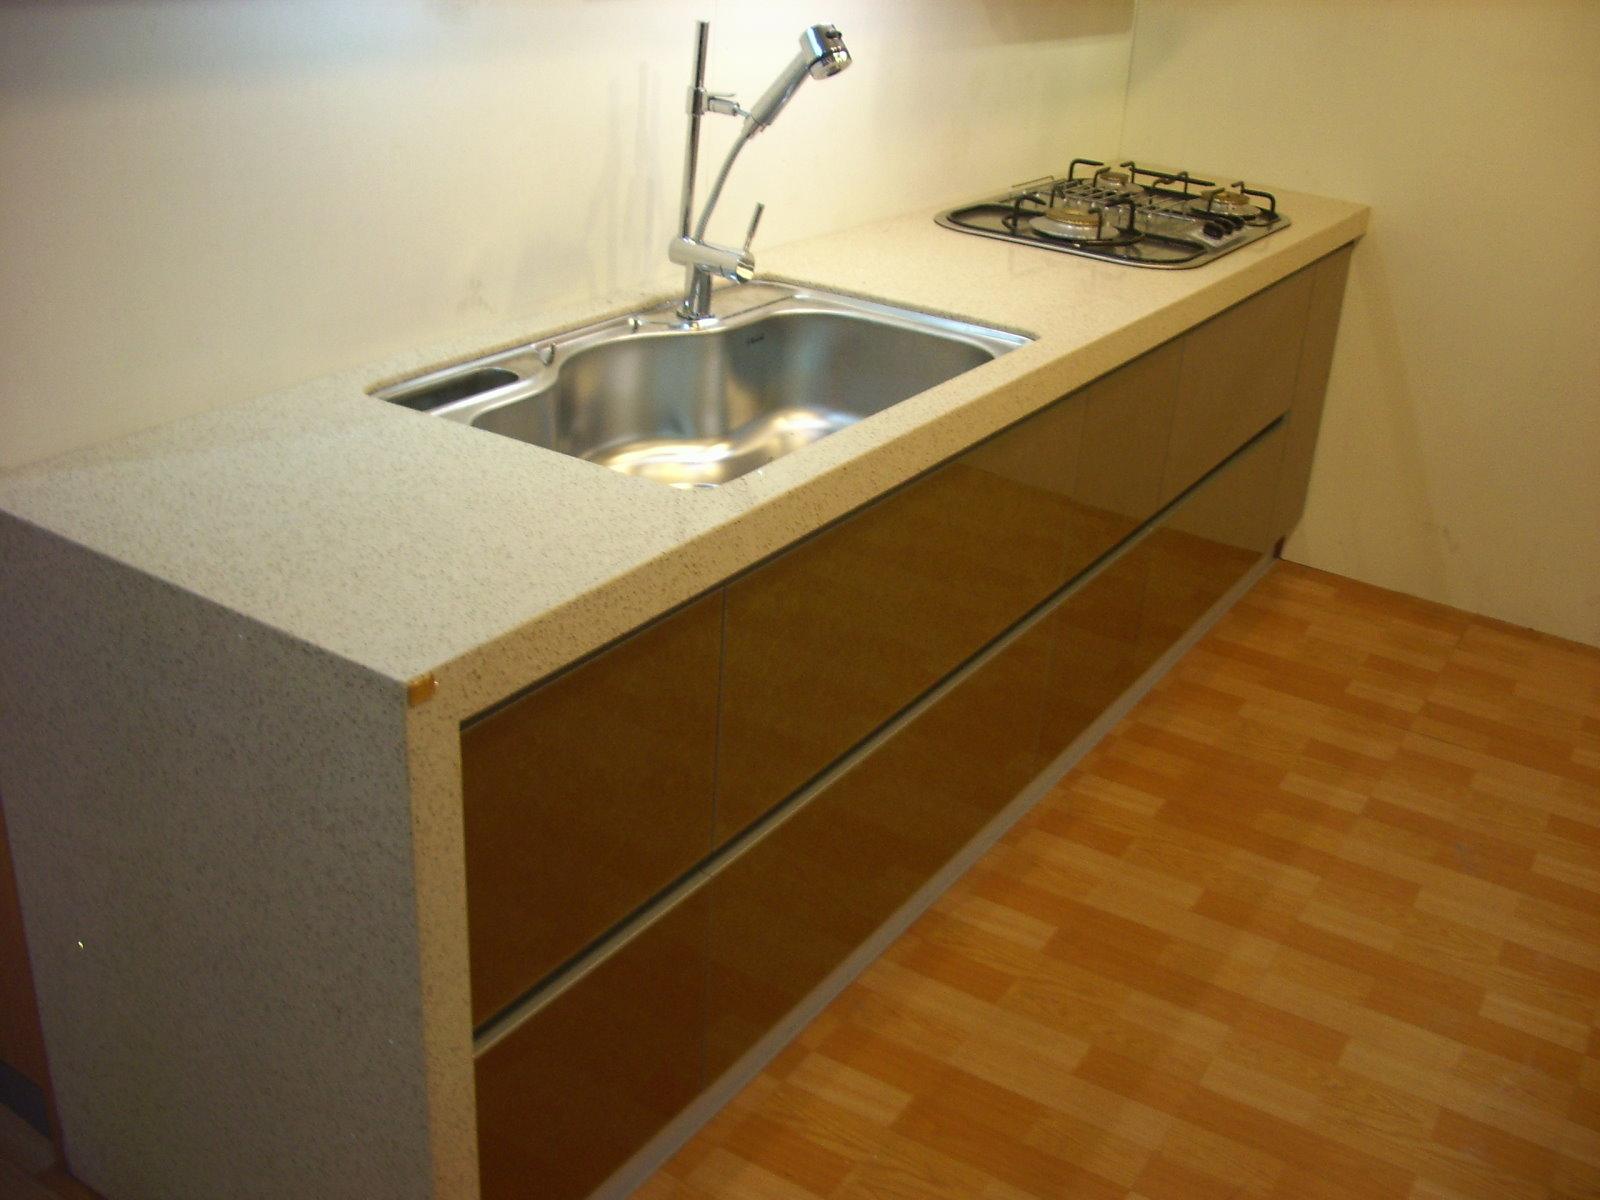 厨房石英石台面贴图供应 橱柜台面,人造石英石,台 石英石台